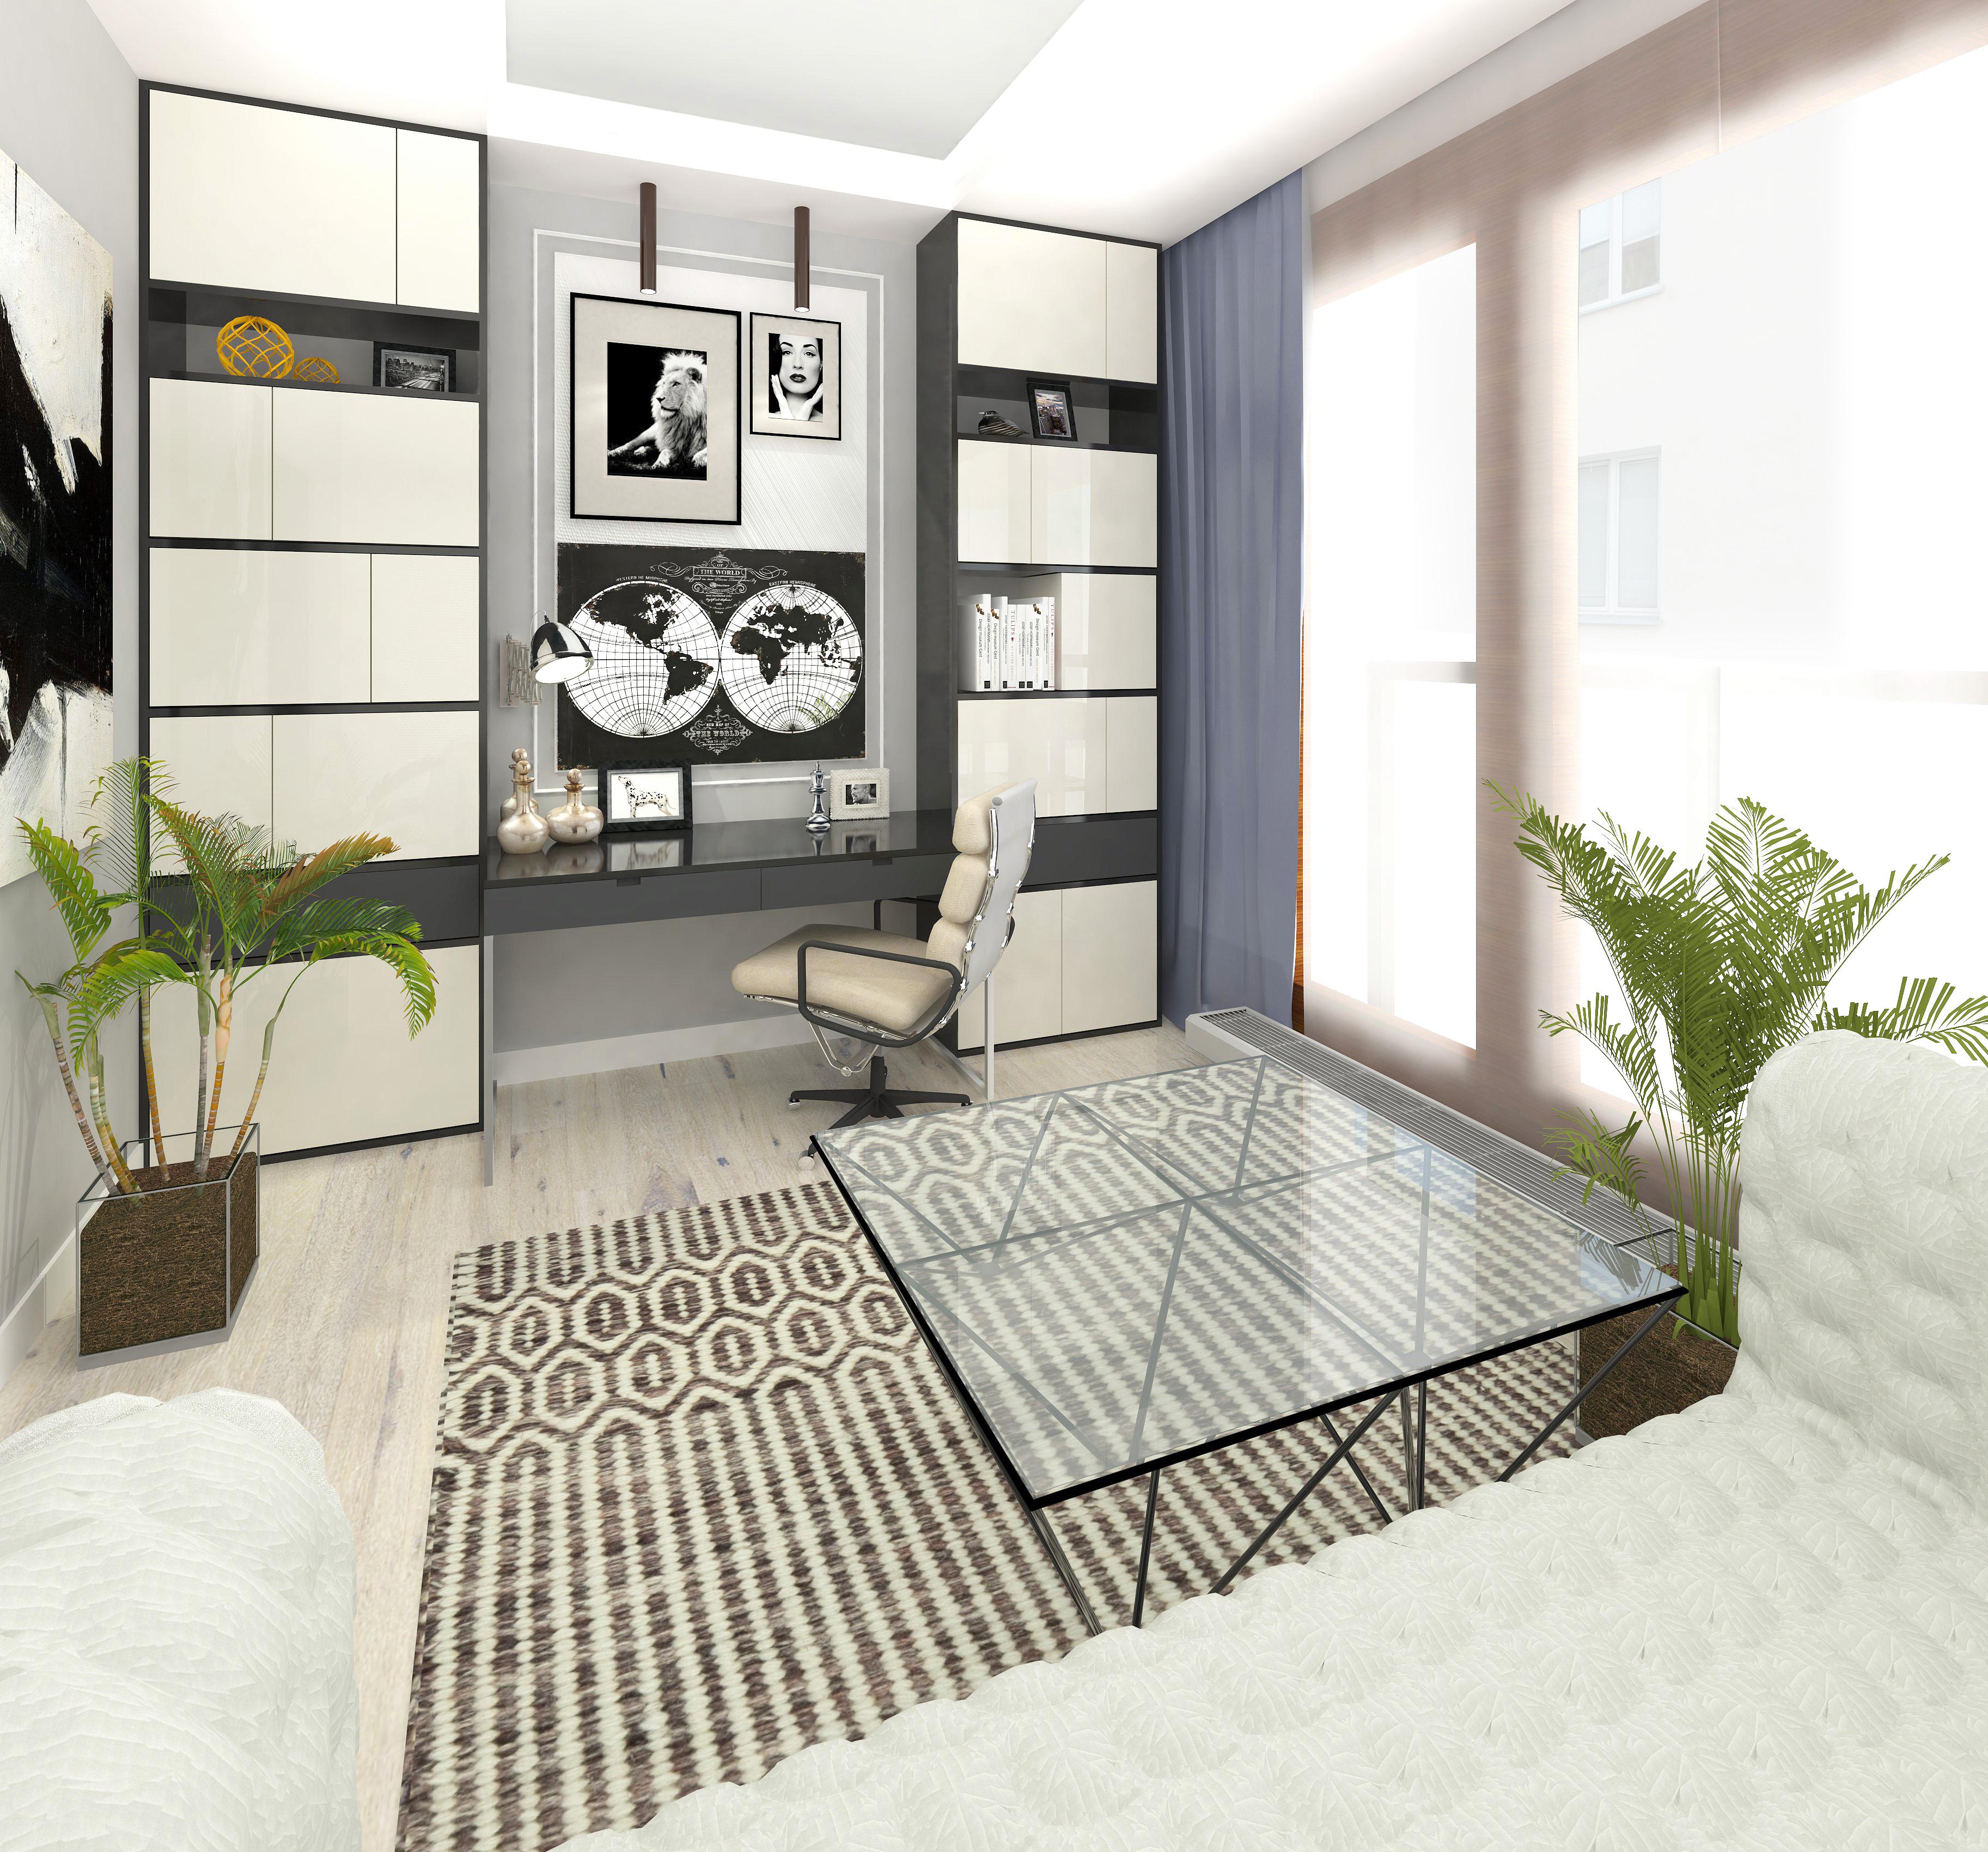 gabinet, karolina radoń, projekty wnętrz, projekty budowlane, apartamenty niemcewicza 17